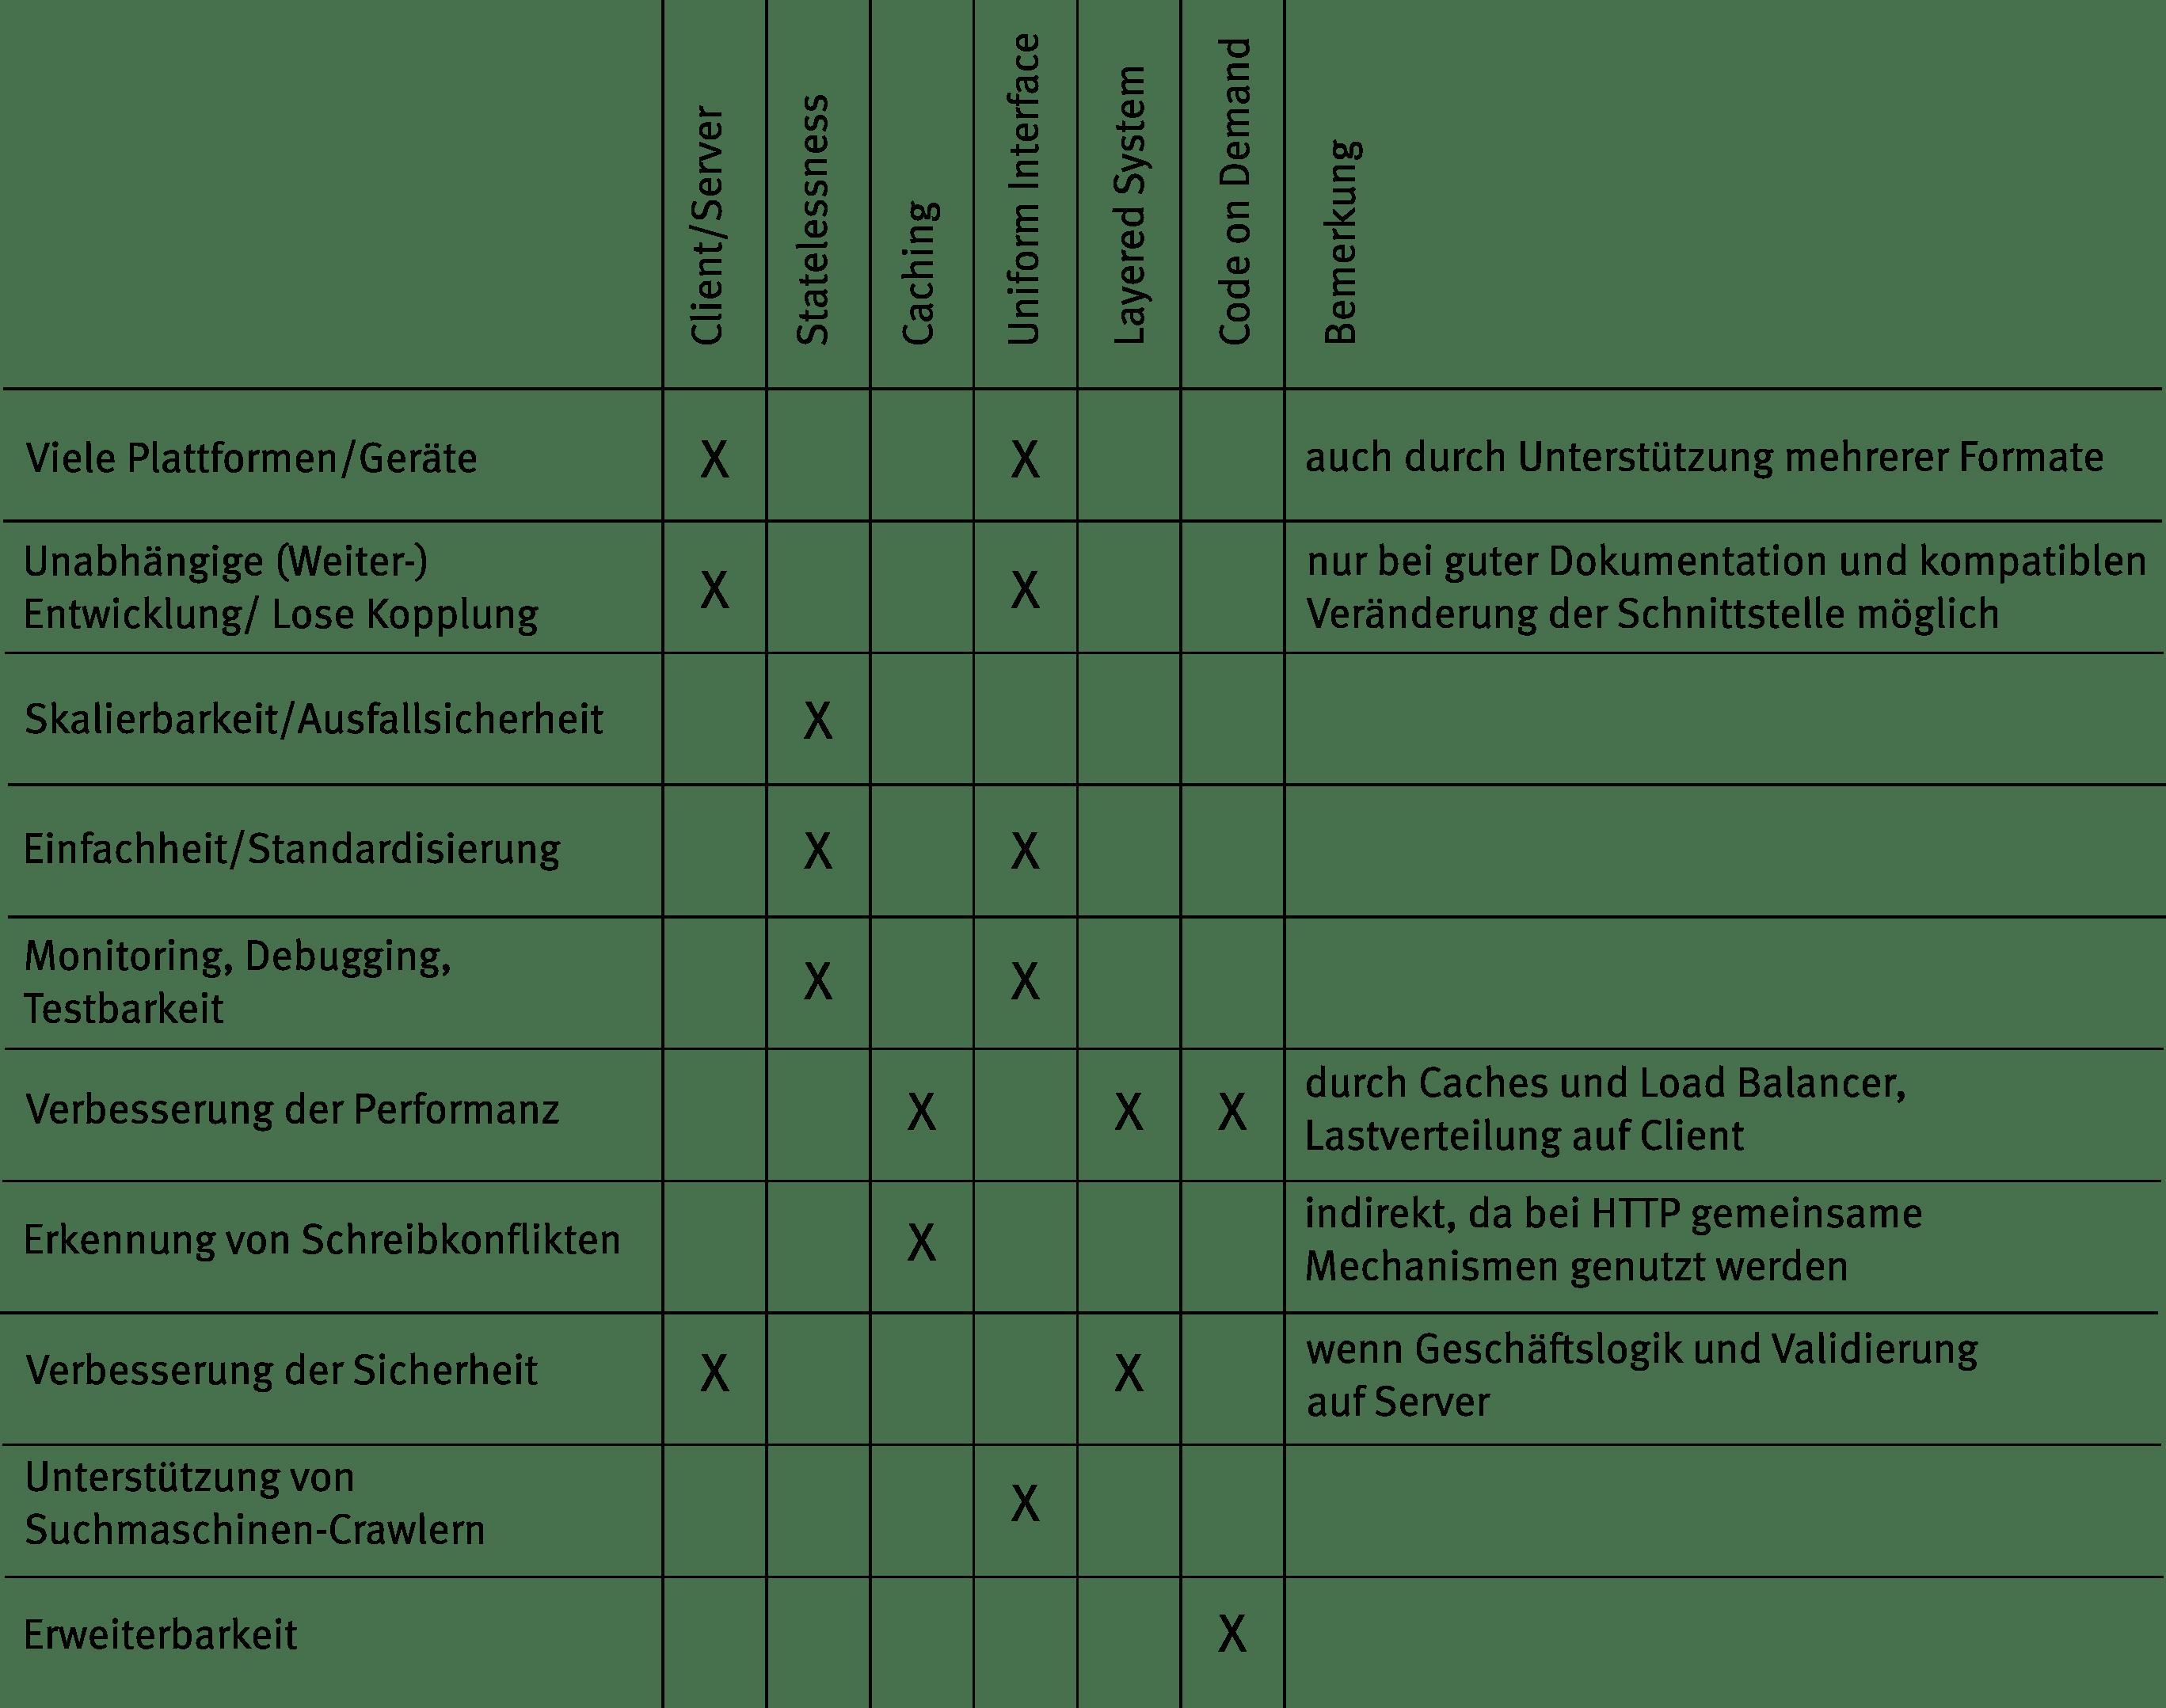 Tabelle 1: Übersicht über positive Architektureigenschaften und Entwurfsrichtlinien